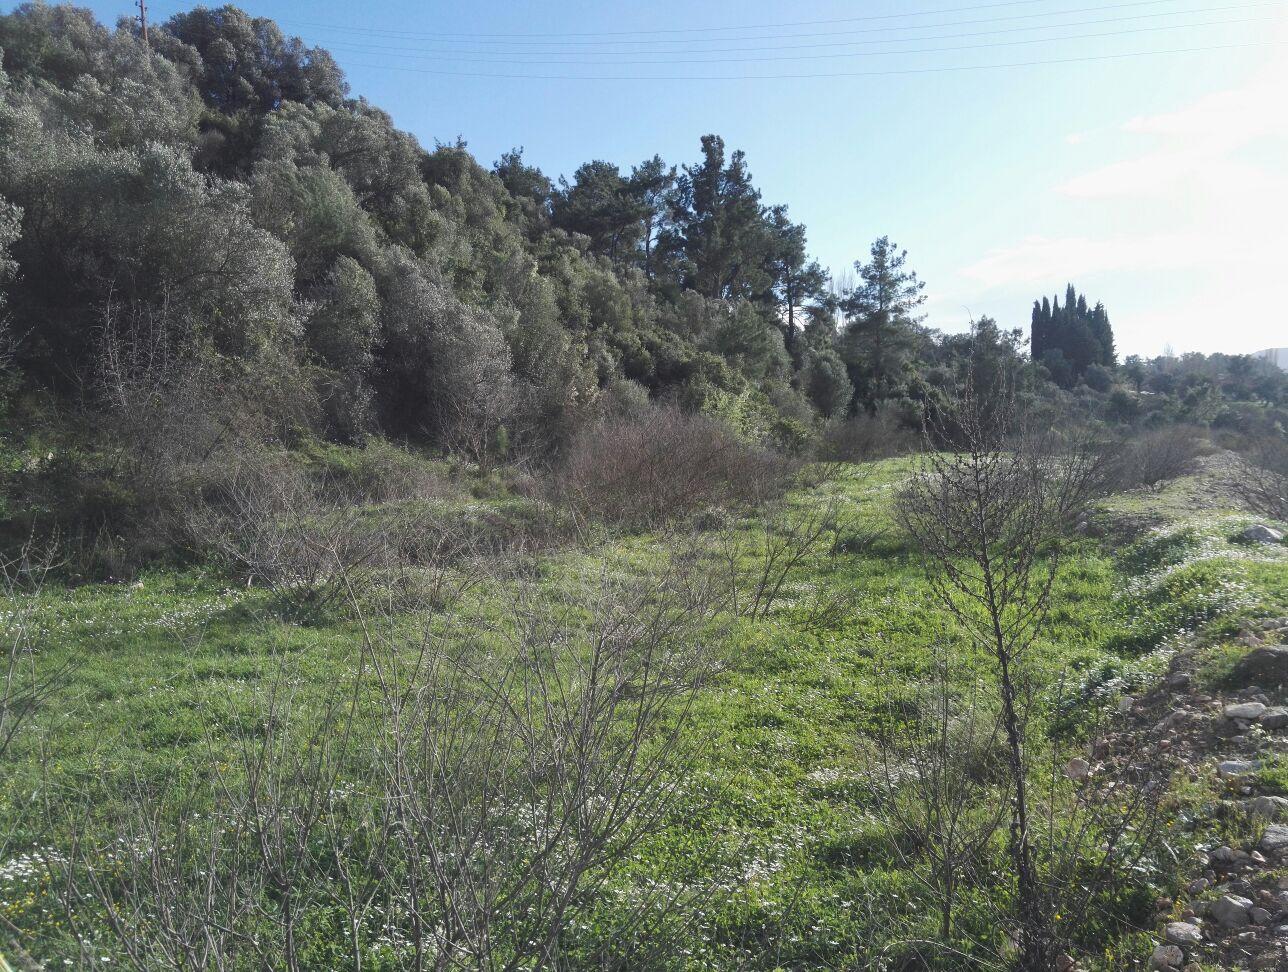 Seferihisar Yeni Orhanlıda Satılık Zeytin Ağaçlı Tarla